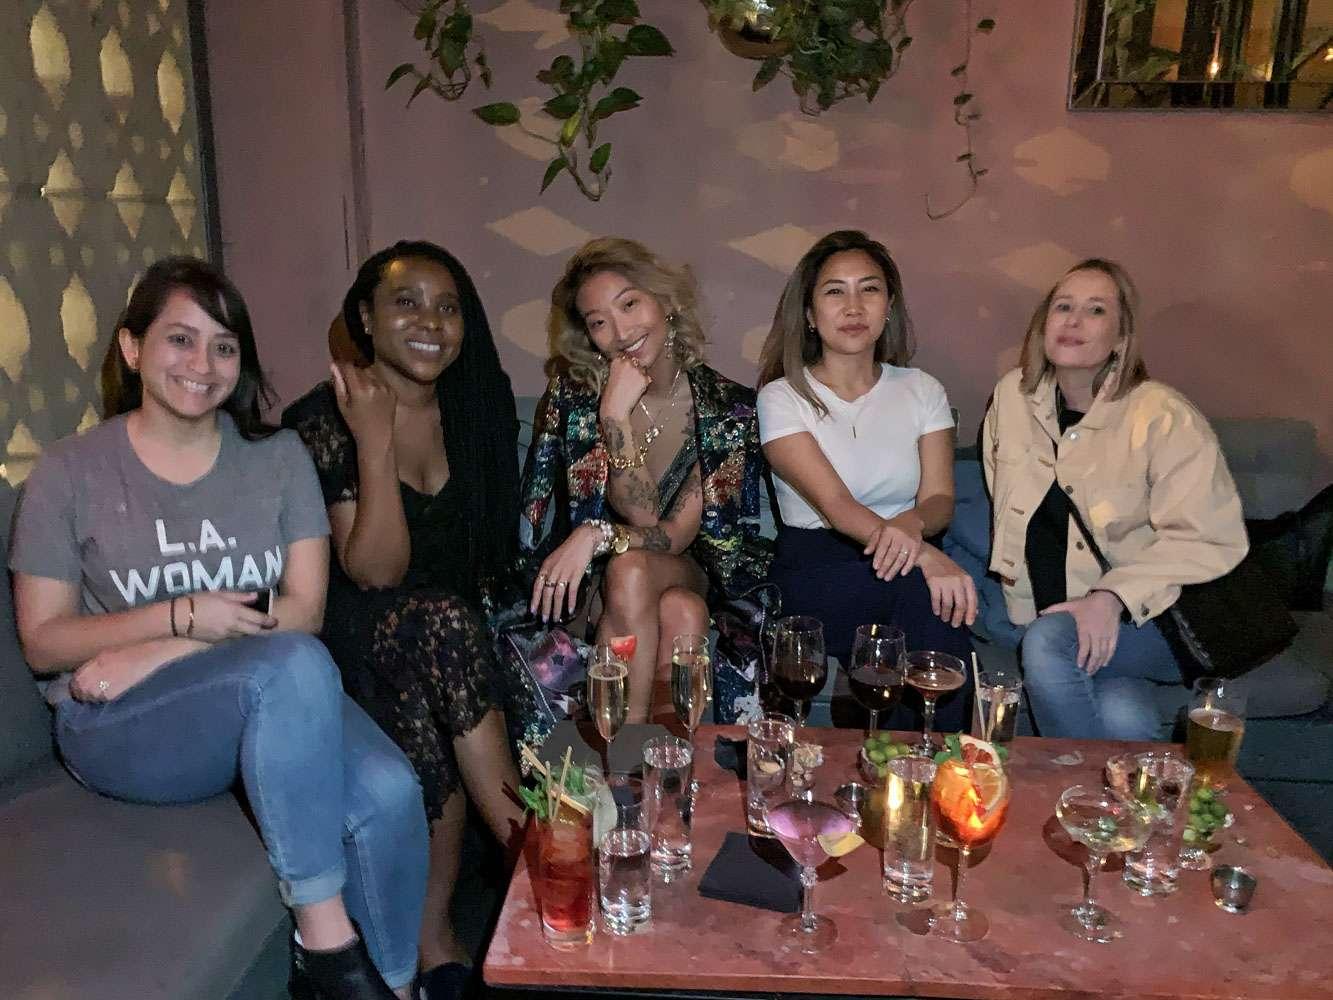 Titis Passion, Lust Till Dawn, Blog de Nuria, Discover LA